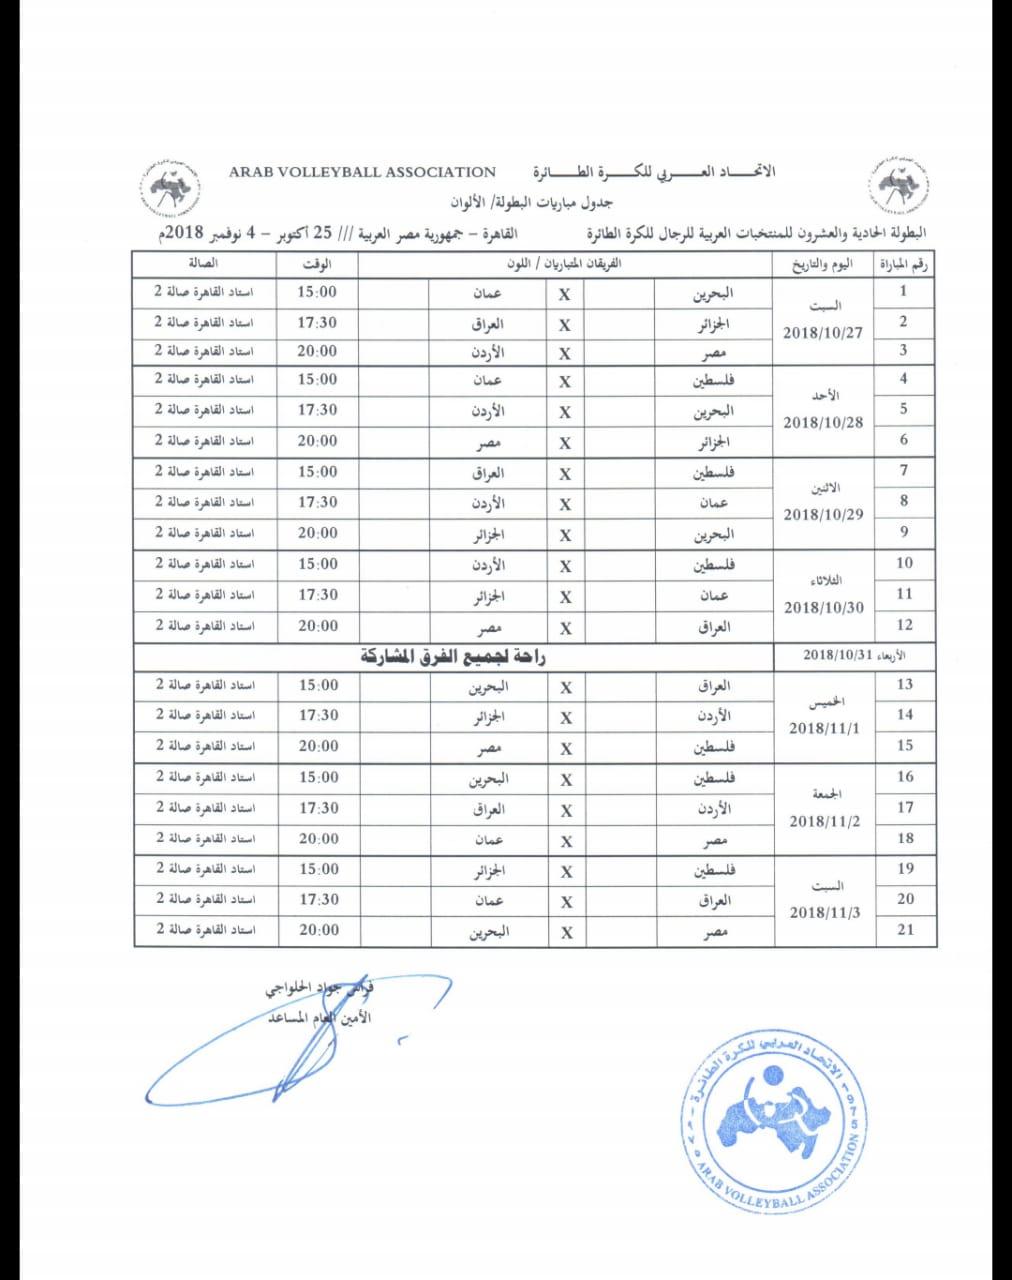 جدول البطولةالعربية